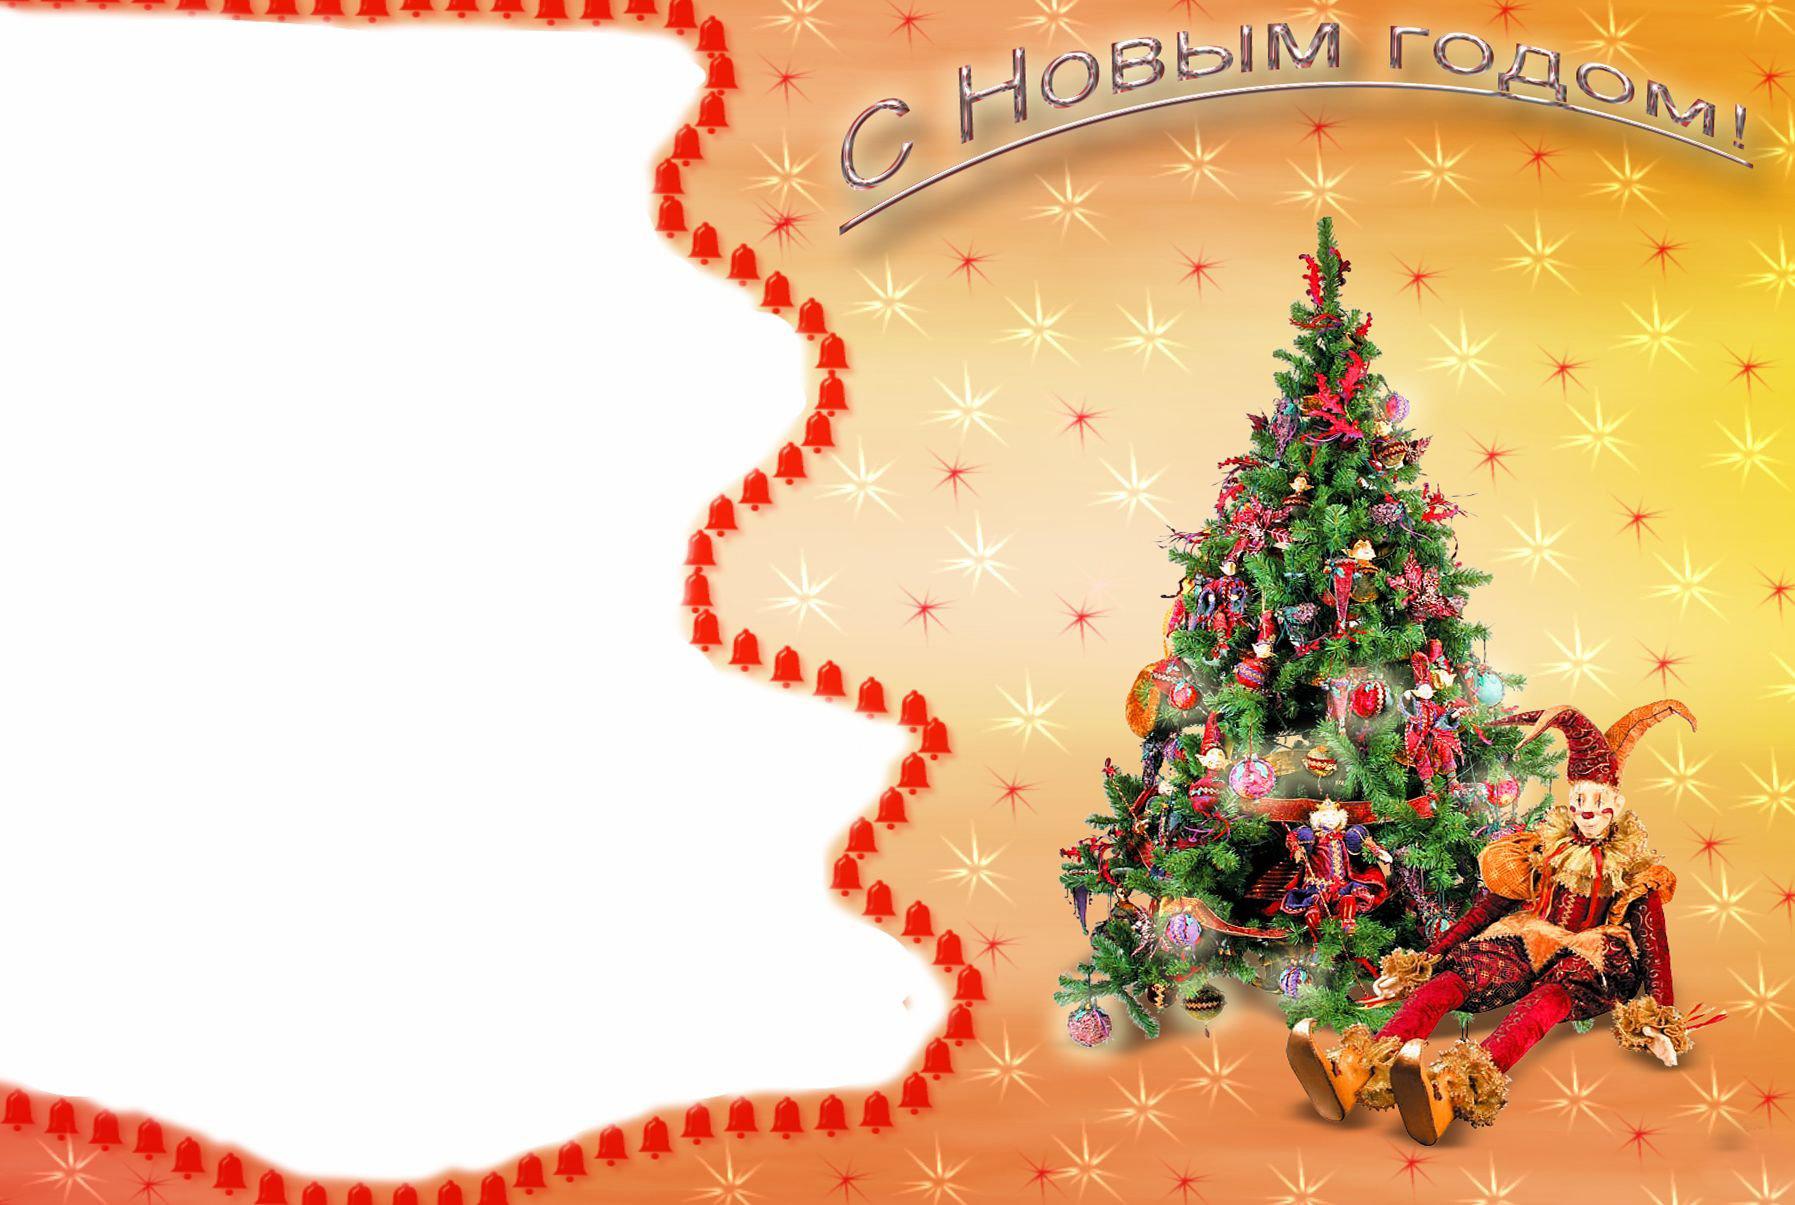 Новогодние рамки. Нежная новогодняя рамка большого размера в формате JPG для вертикальных фотографий. Новогодняя рамка сделана так, что можно очень просто поменять цвет фона и сделать свой оригинальный вариант новогодней рамки. Желтовато-рыжий фон украшен звёздочками, украшенной к Новому году ёлочкой и куклой-клоуном. Красивая новогодняя рамка подойдёт для любых портретов, в том числе и детских. Если Вам нужна универсальная новогодняя рамка, из которой можно быстро сделать разноцветные варианты, то эта новогодняя рамка отлично Вам подходит.